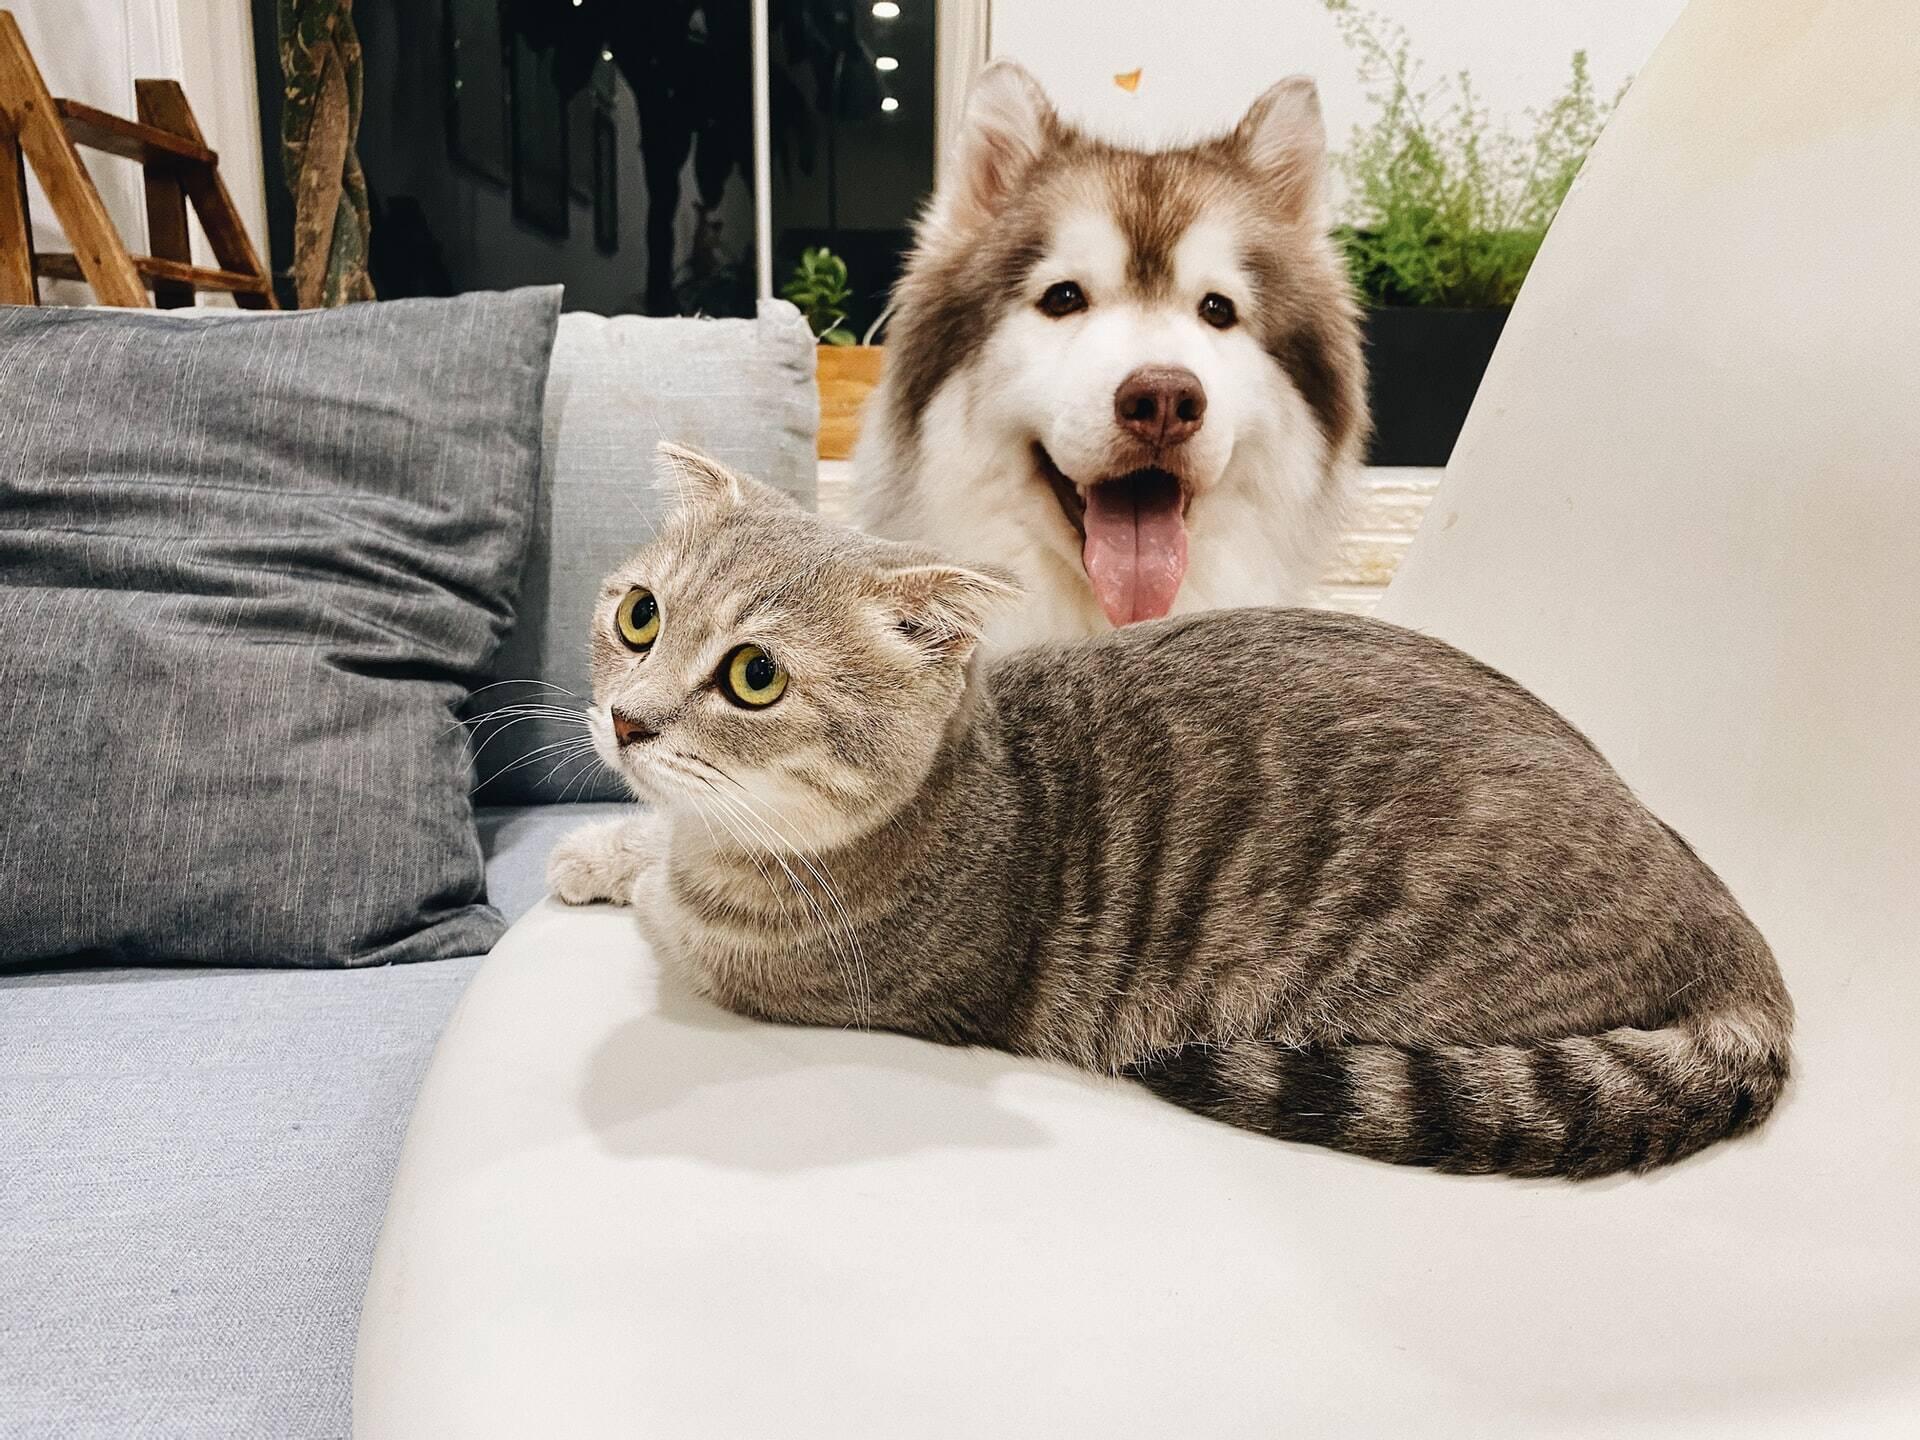 Eis a real razão pela qual cães são melhores que gatos, segundo articulista britânica